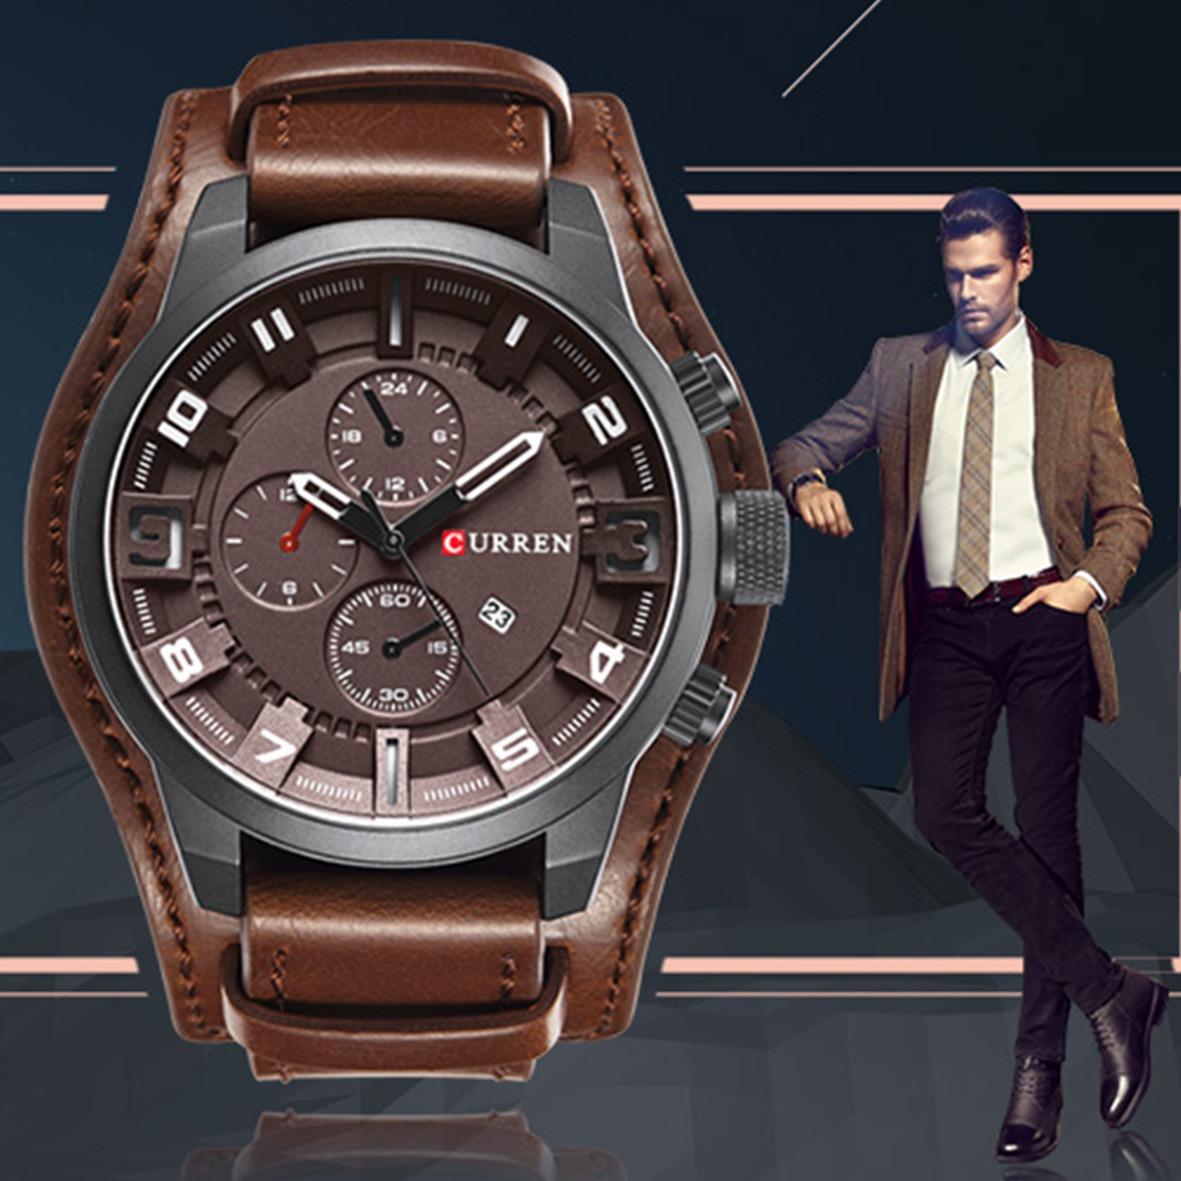 994dcd886d4 relogio masculino curren 8225 couro barato bracelete. Carregando zoom.